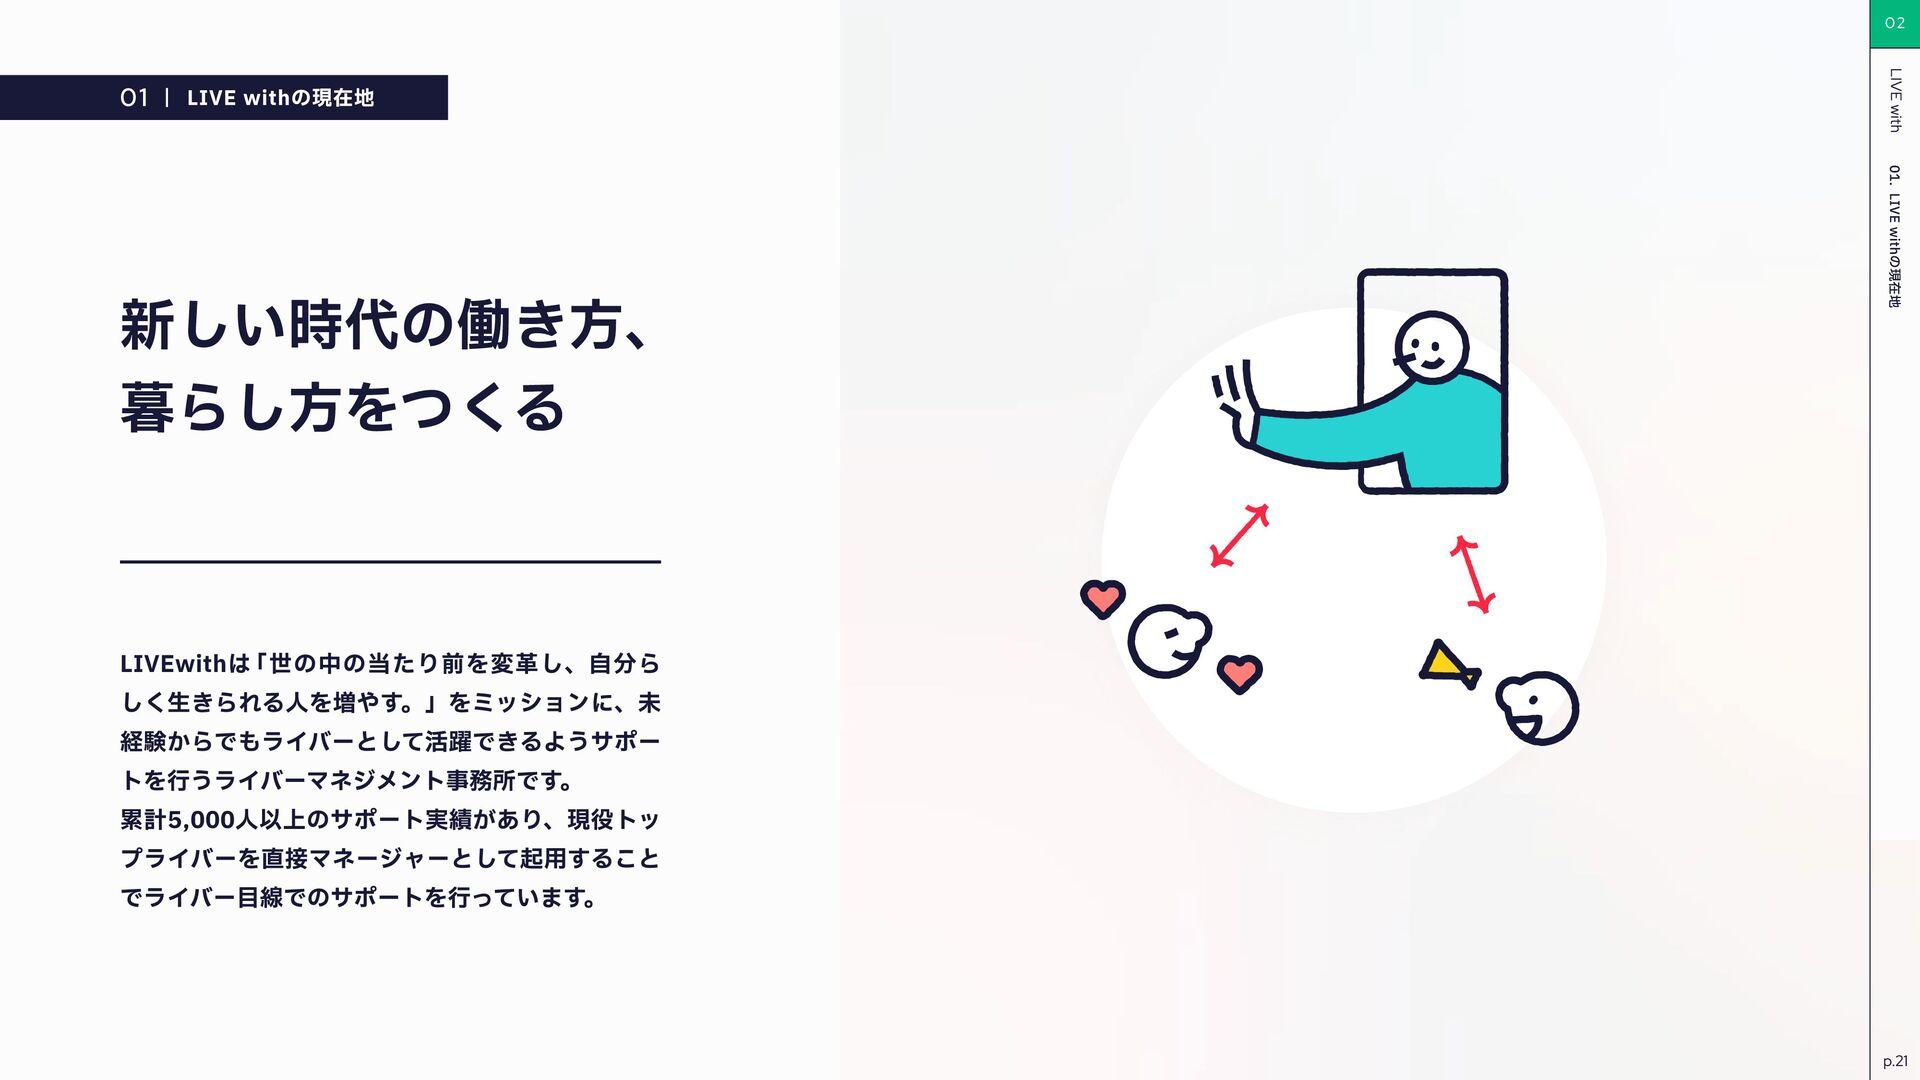 エンジニア 27% コンテンツ制作 8% マーケティング 18% 企画・営業 30% デザイナ...